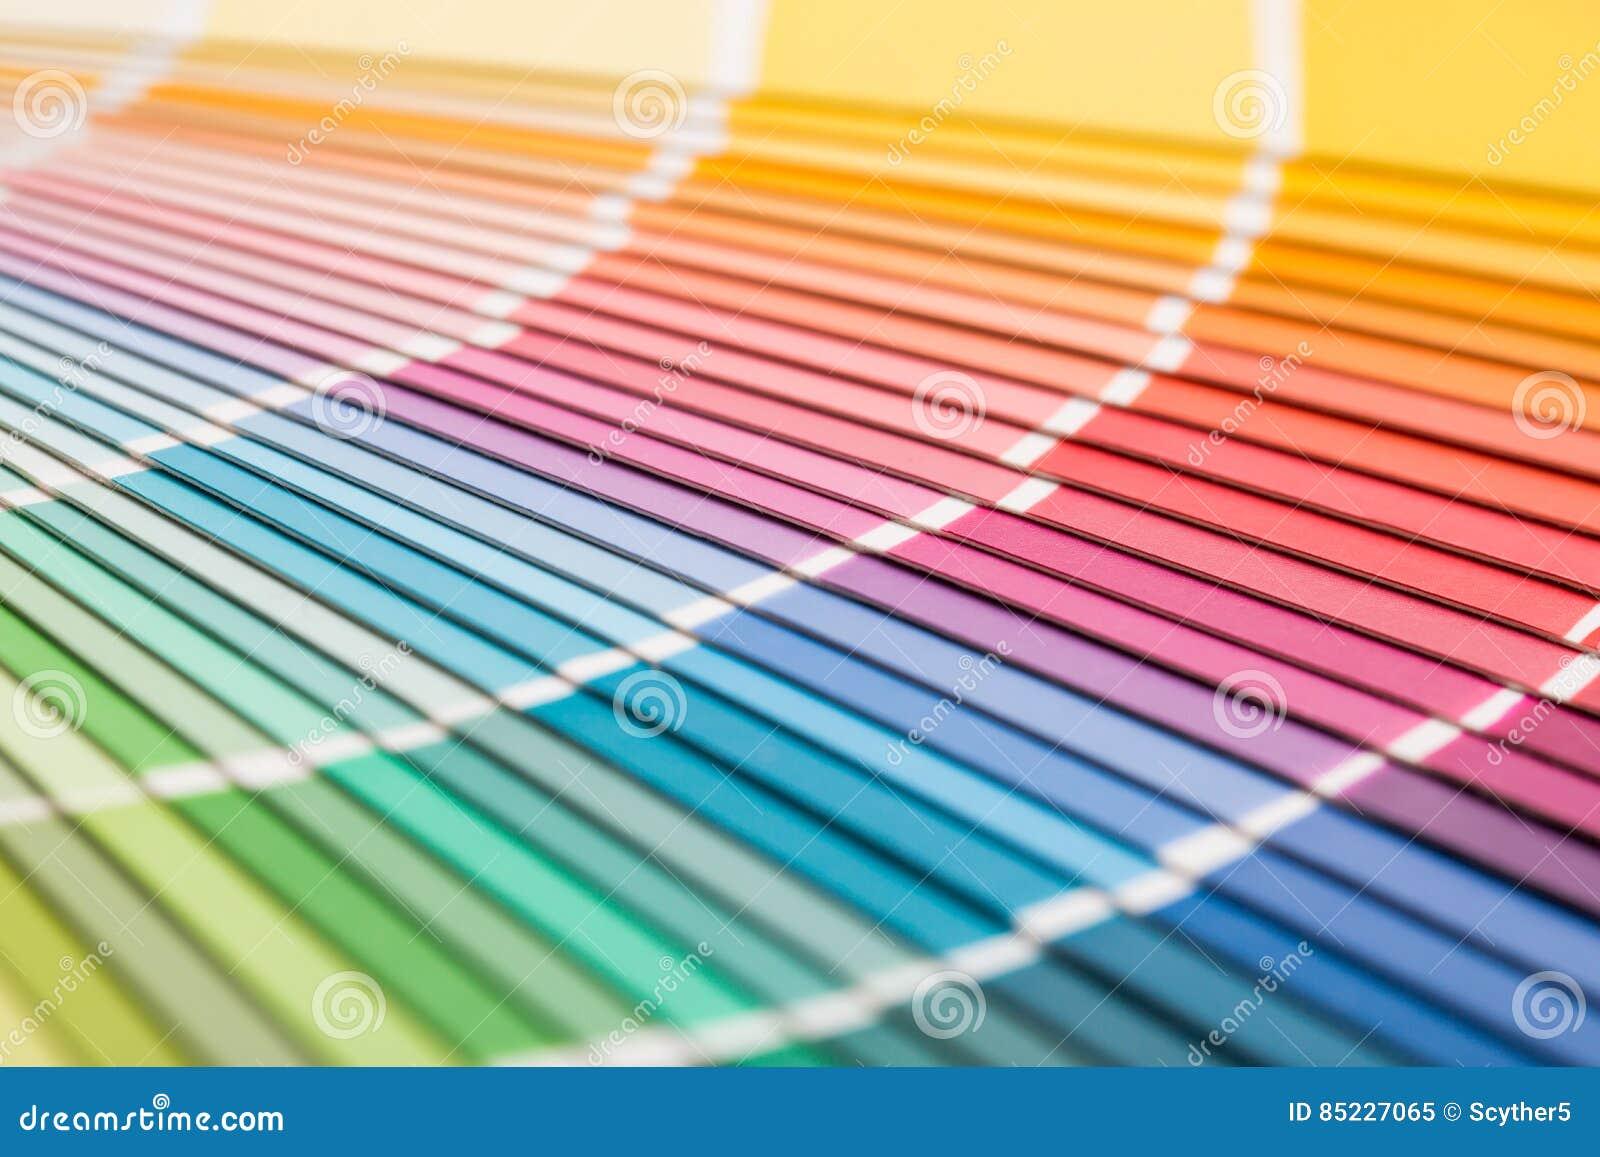 Раскройте каталог цветов образца pantone